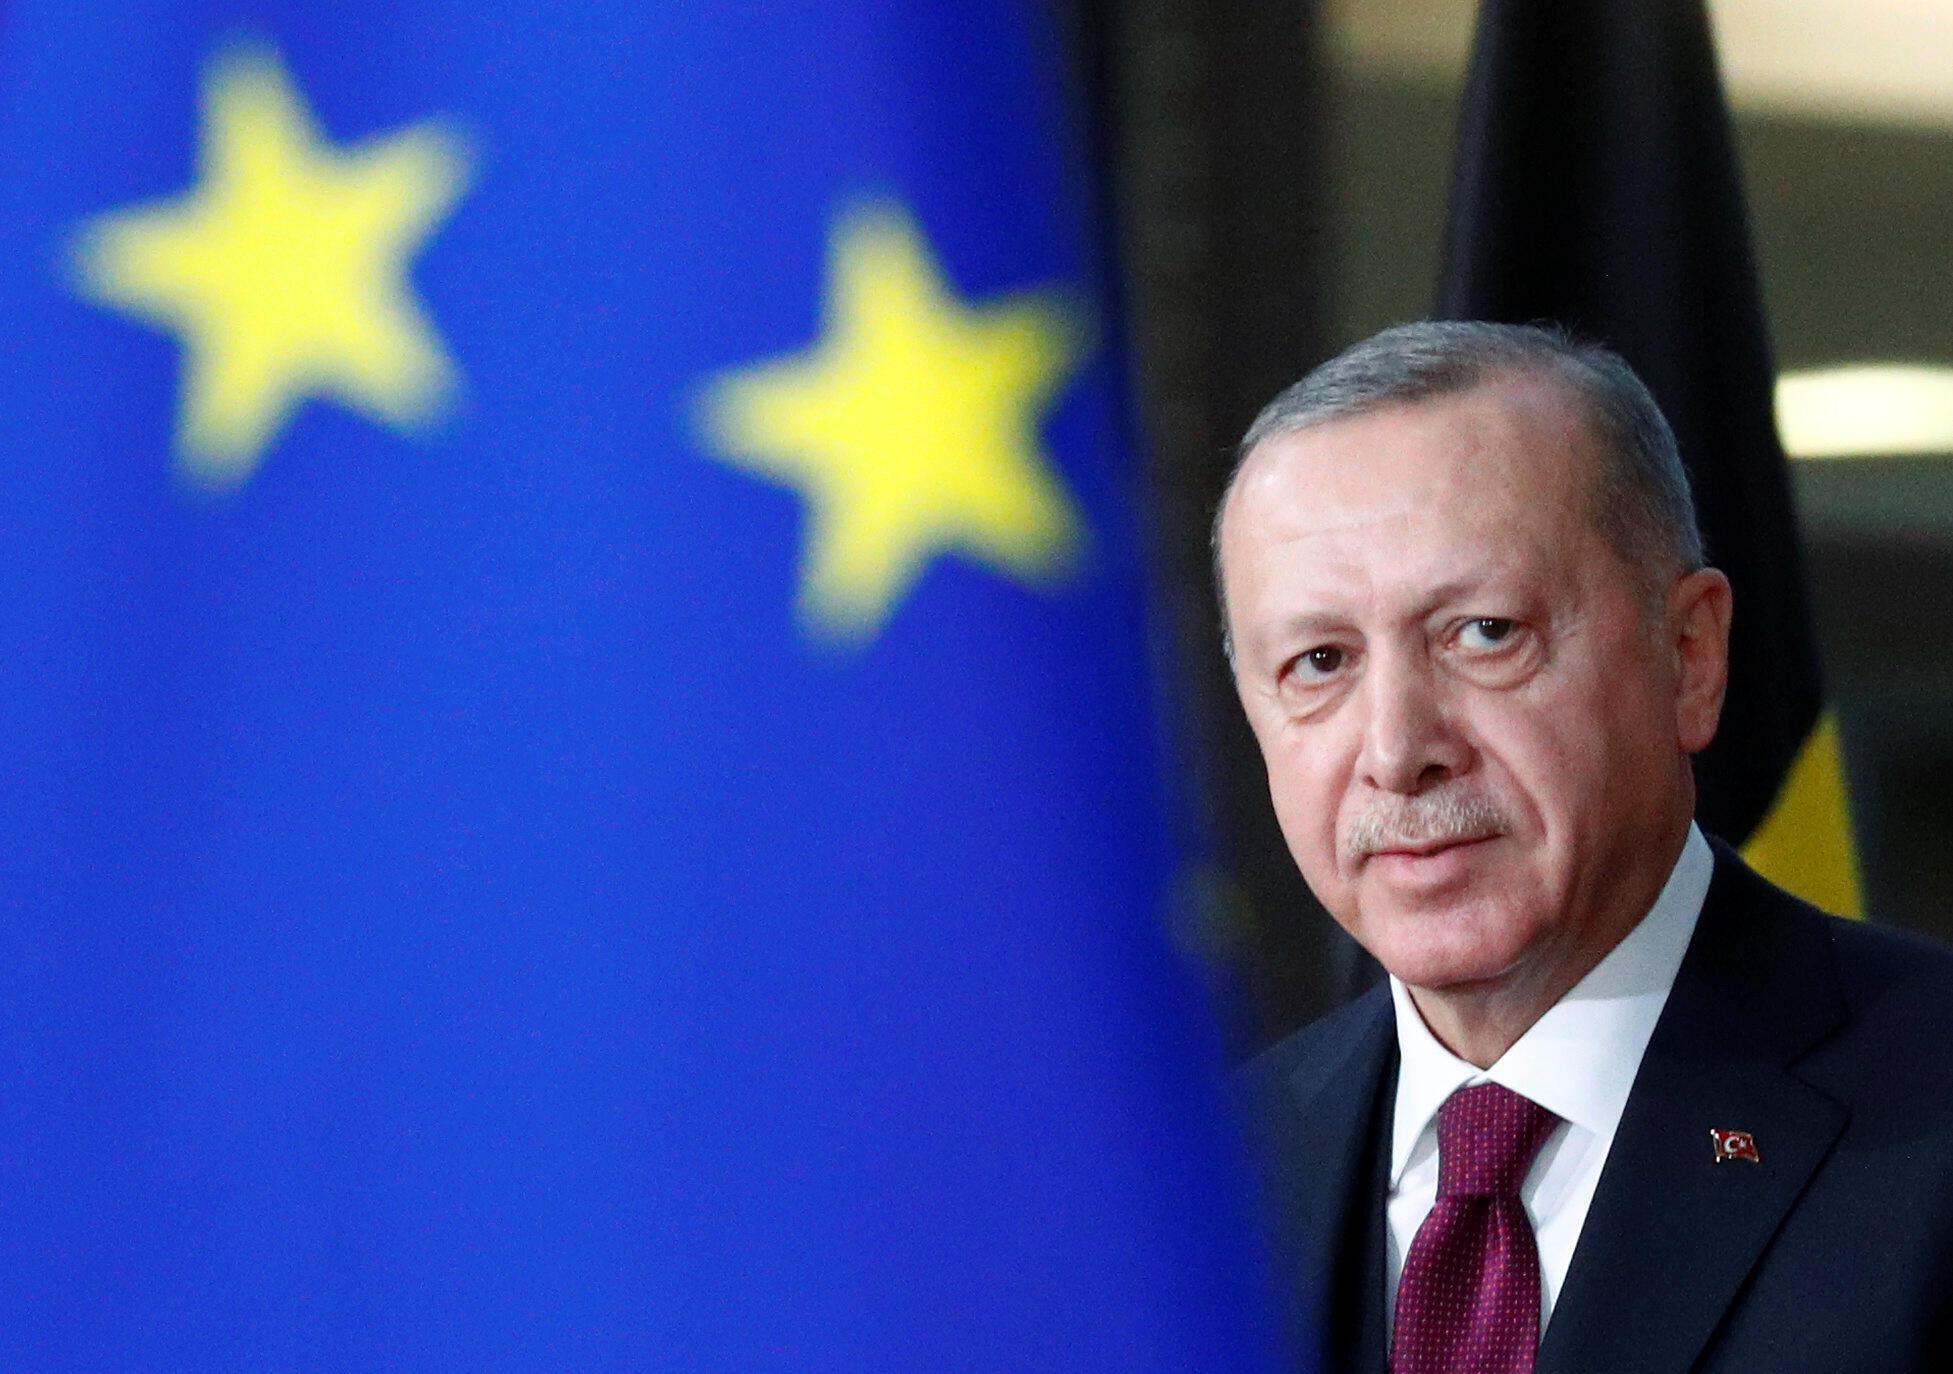 Le président turc Recep Tayyip Erdogan, lors d'une réunion avec le président du Conseil européen Charles Michel, à Bruxelles, en mars 2020.